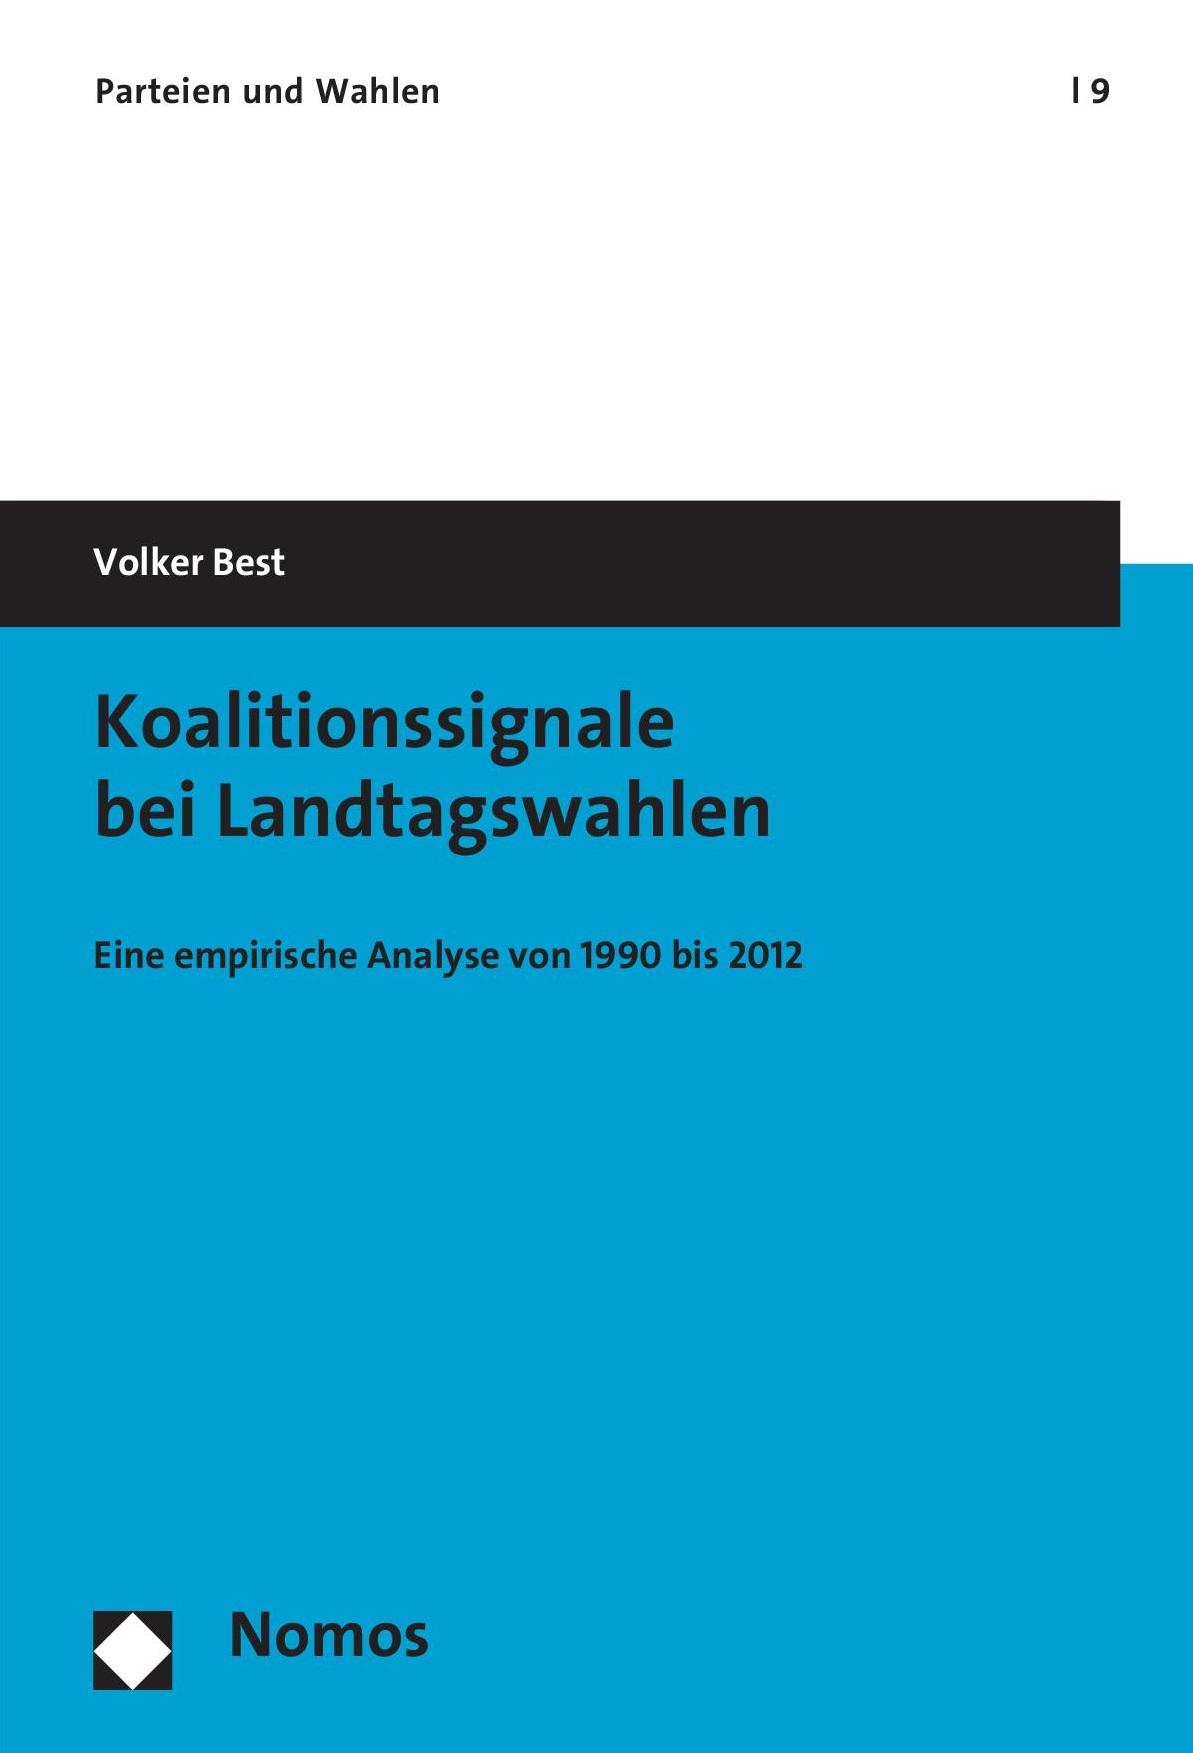 Volker Best